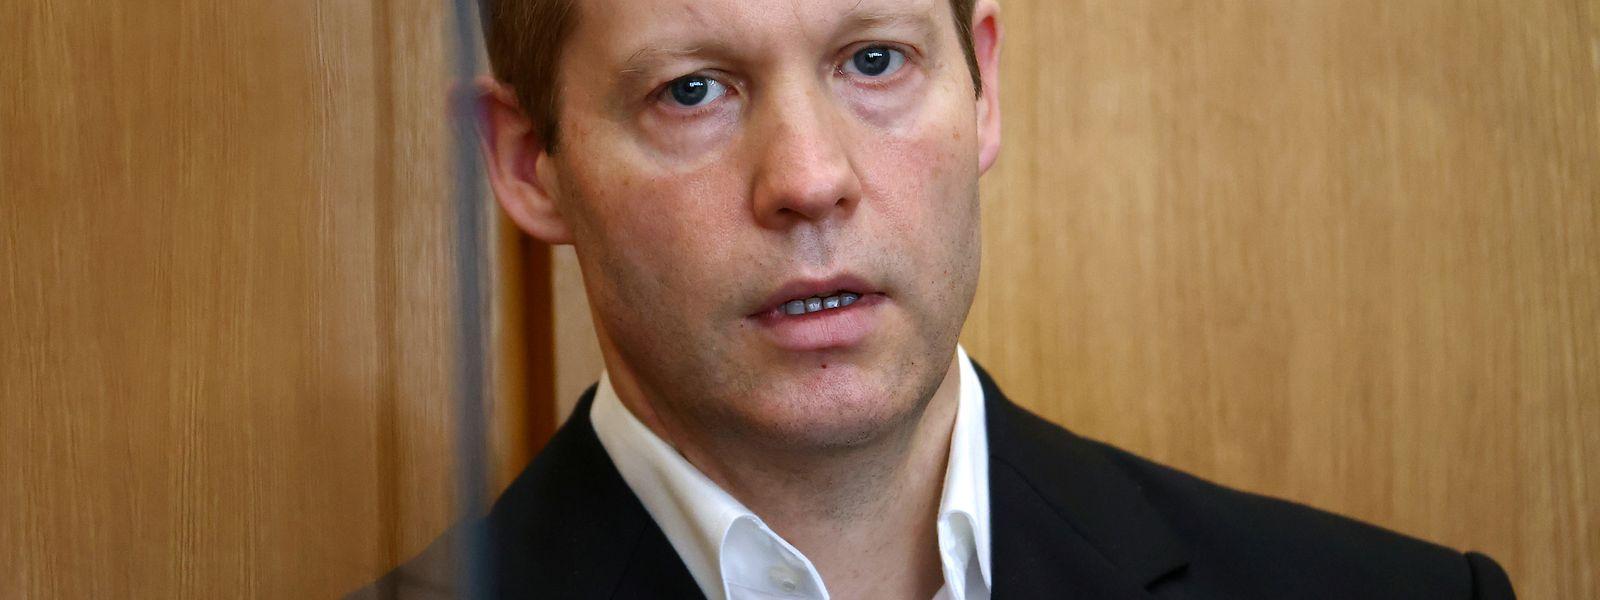 Stephan Ernst, der des Mordes an dem Politiker Walter Lübcke angeklagt ist, steht bei seinem Prozess vor dem Oberlandesgericht Frankfurt.